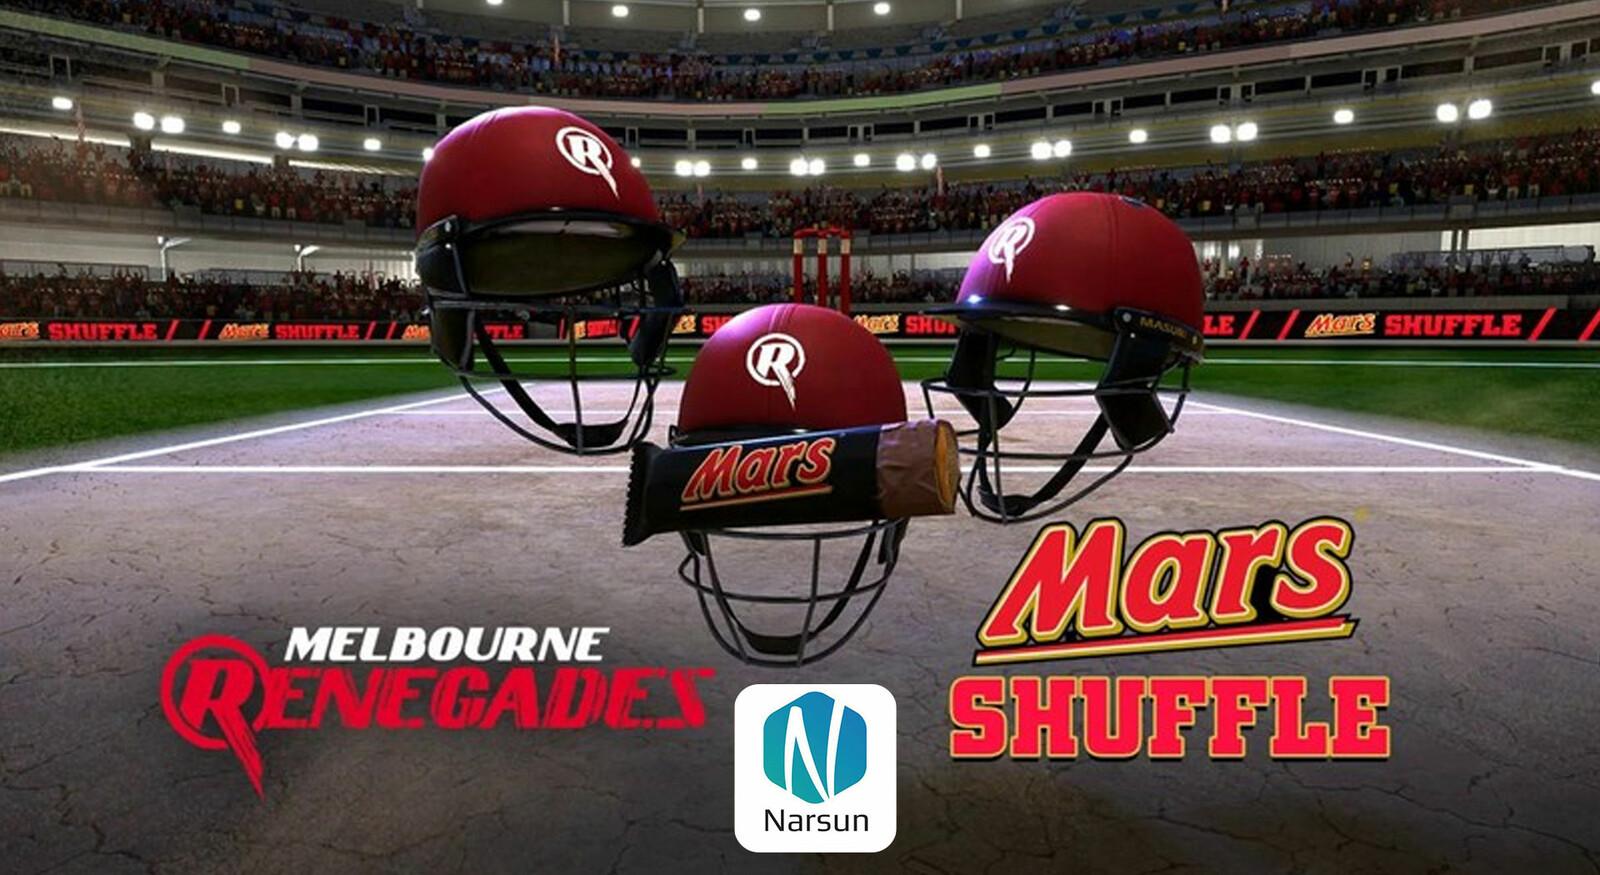 Melbourne Renegades Shuffle Game environment